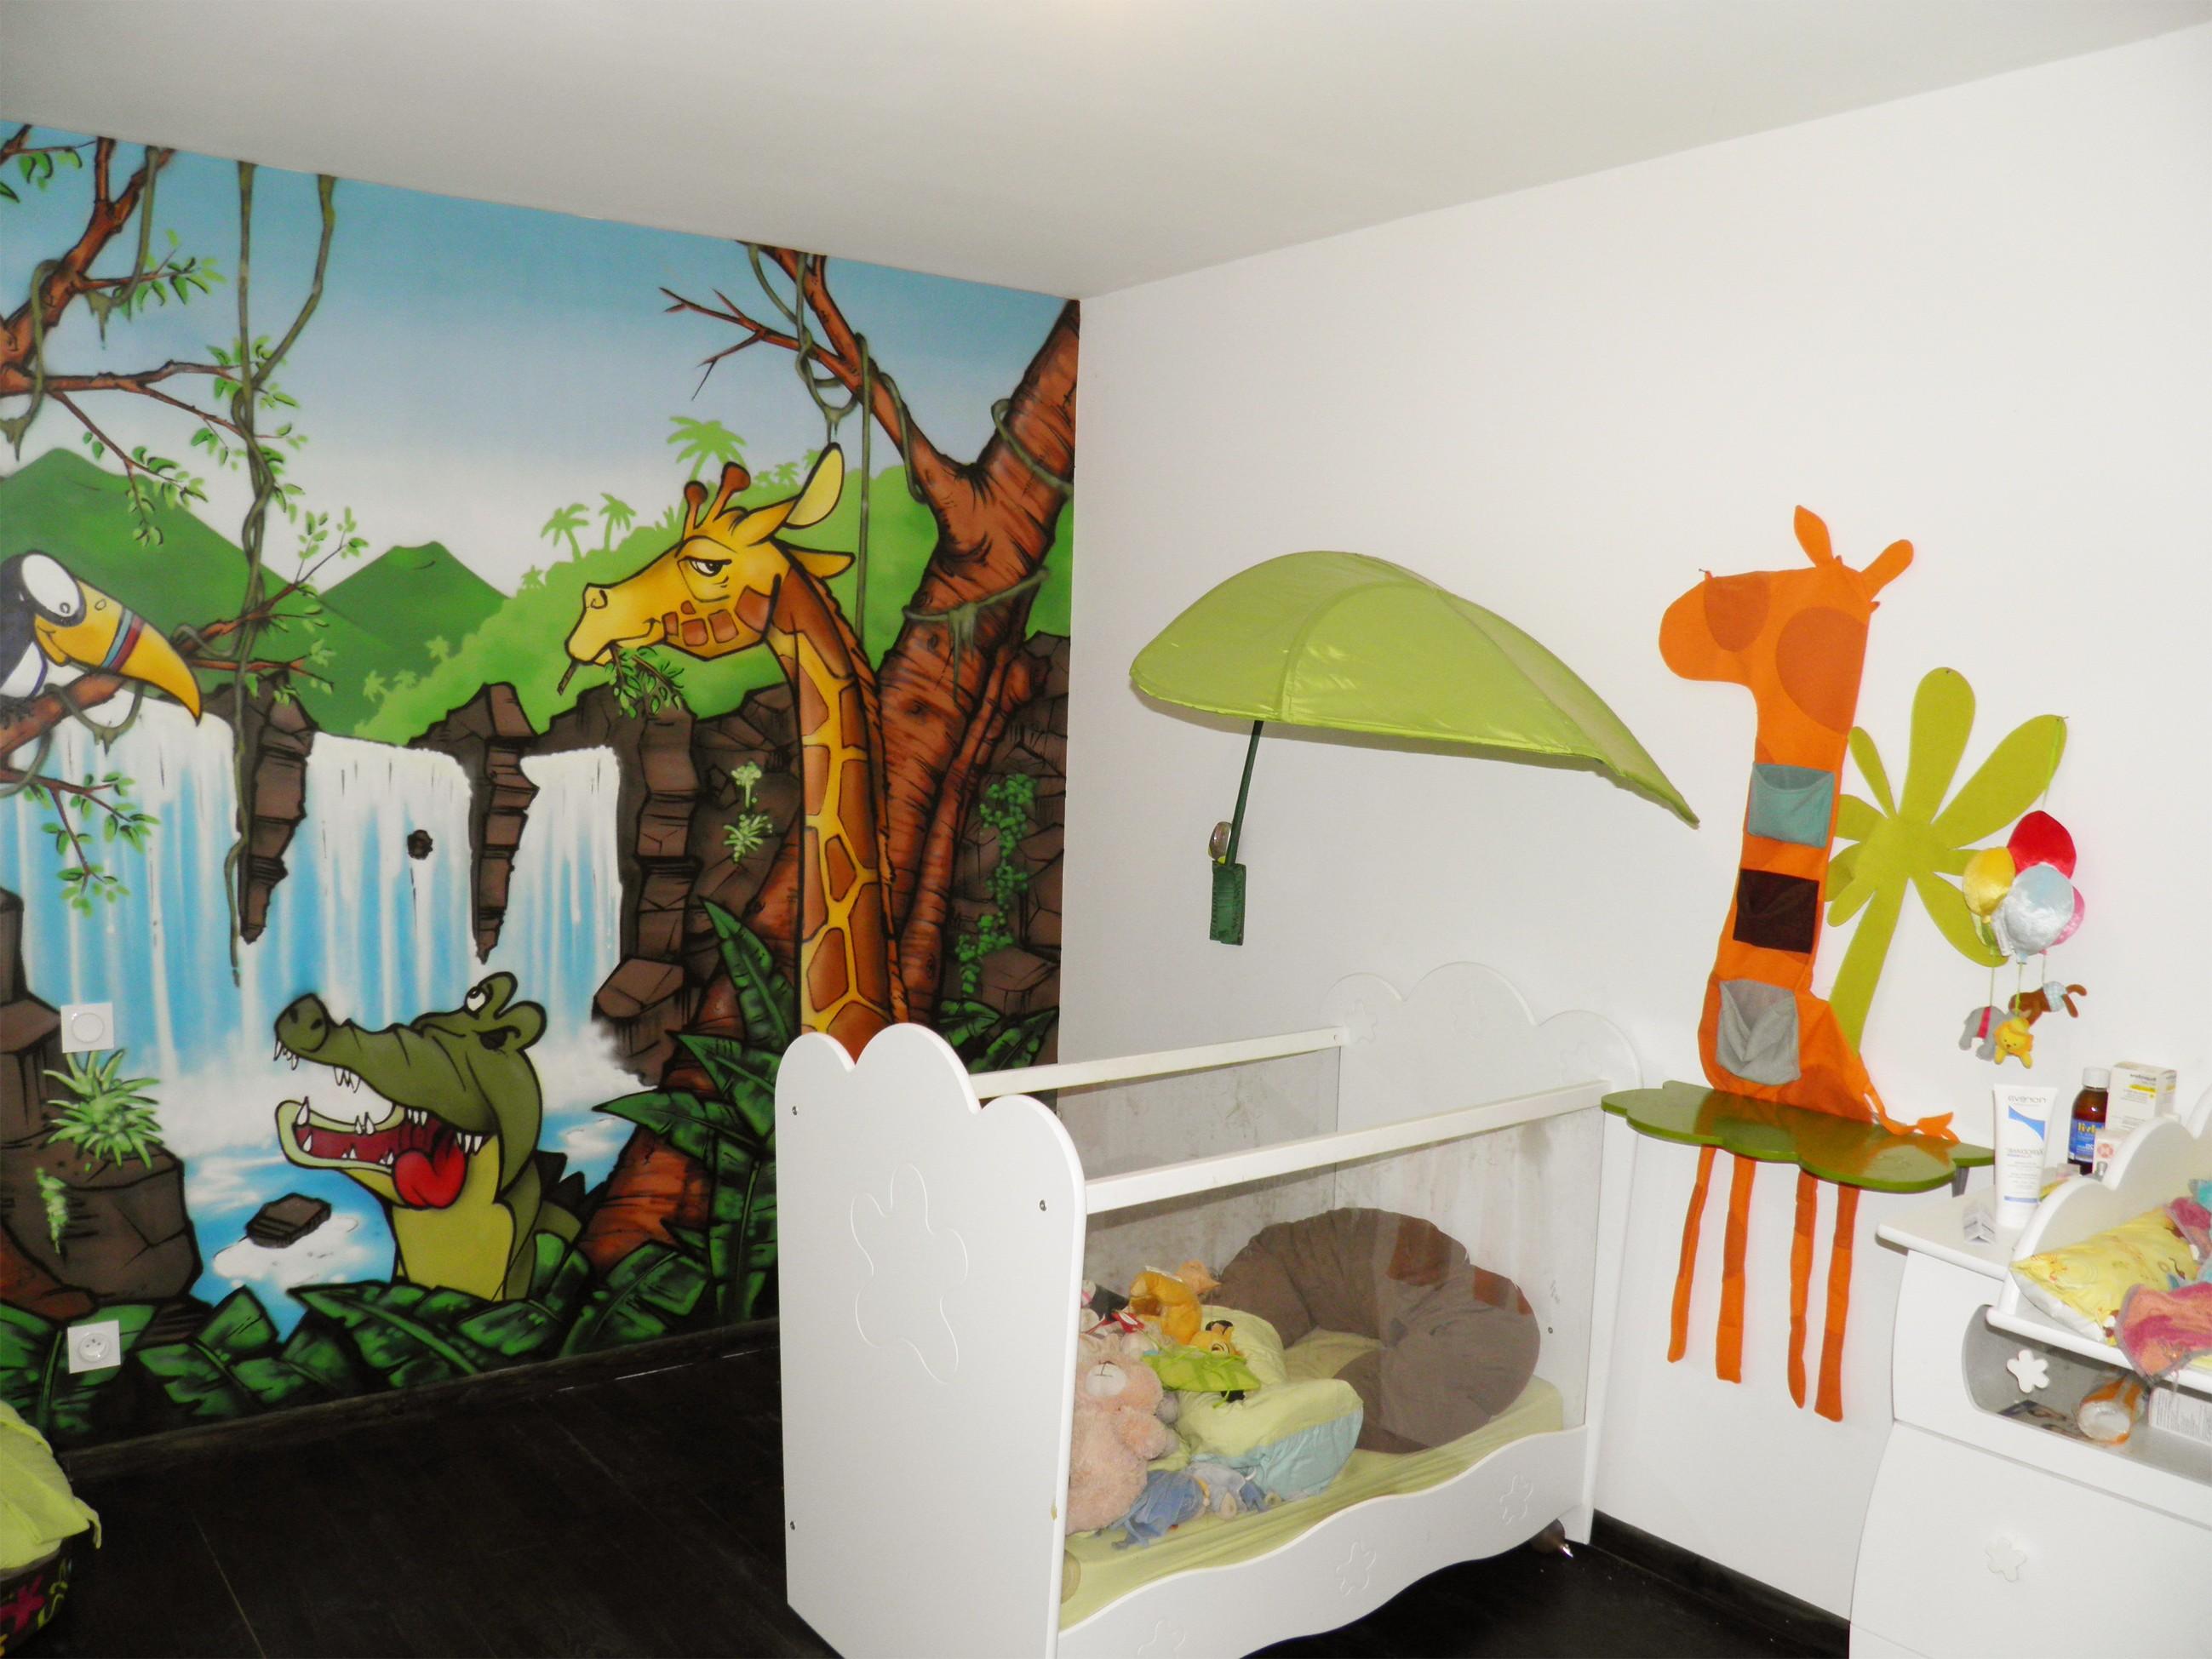 Deco Jungle Chambre Adulte id�e d�coration chambre b�b� jungle - chambre : id�es de